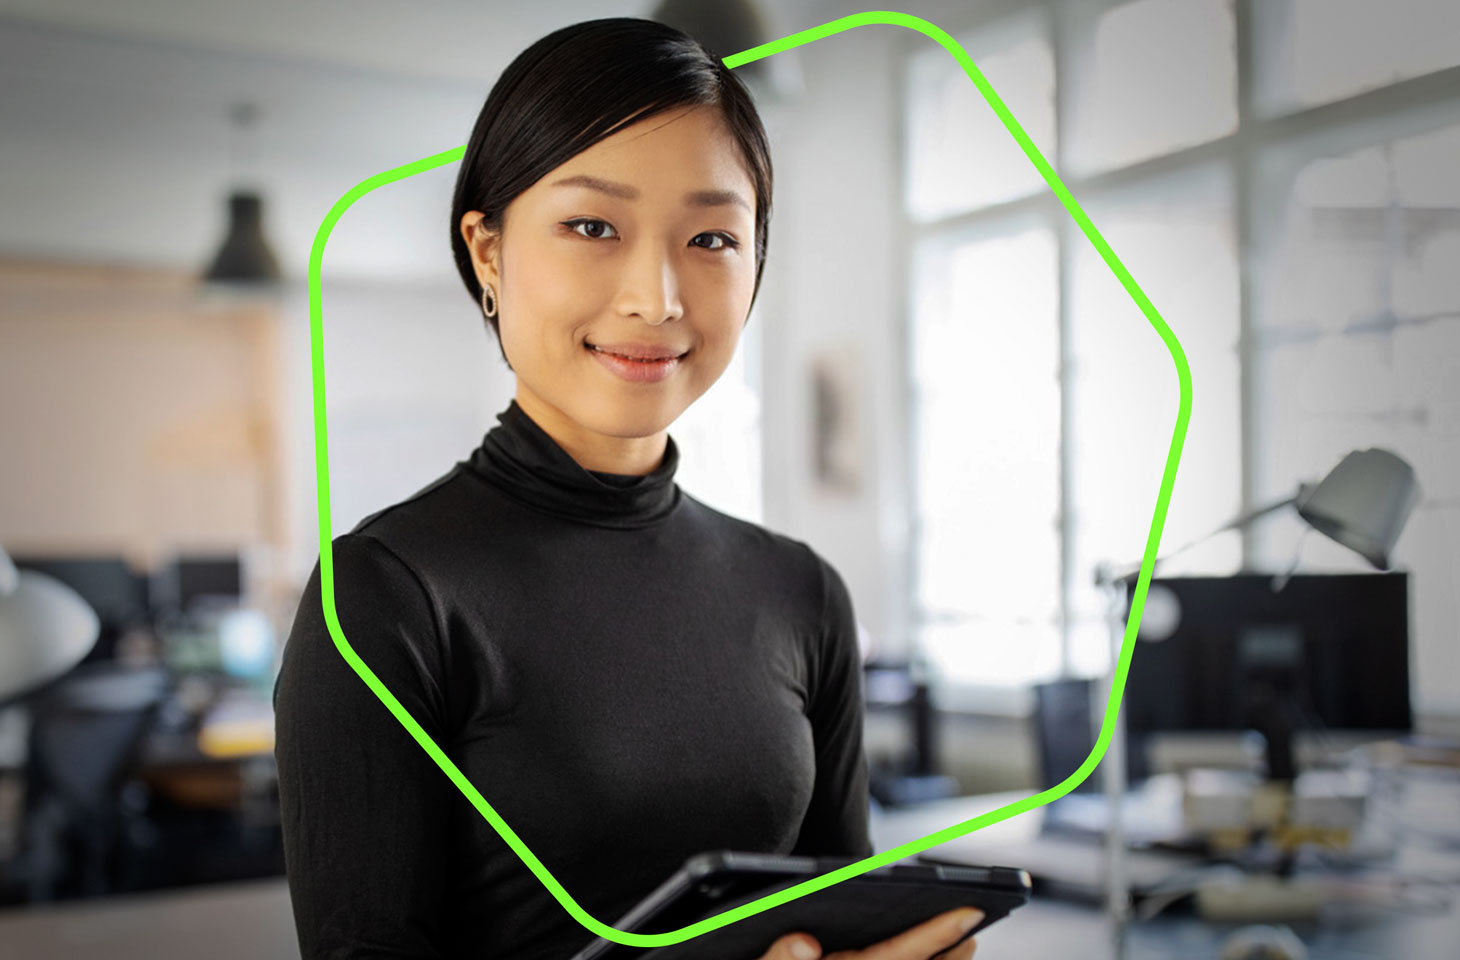 Women_in_Tech_0.jpg